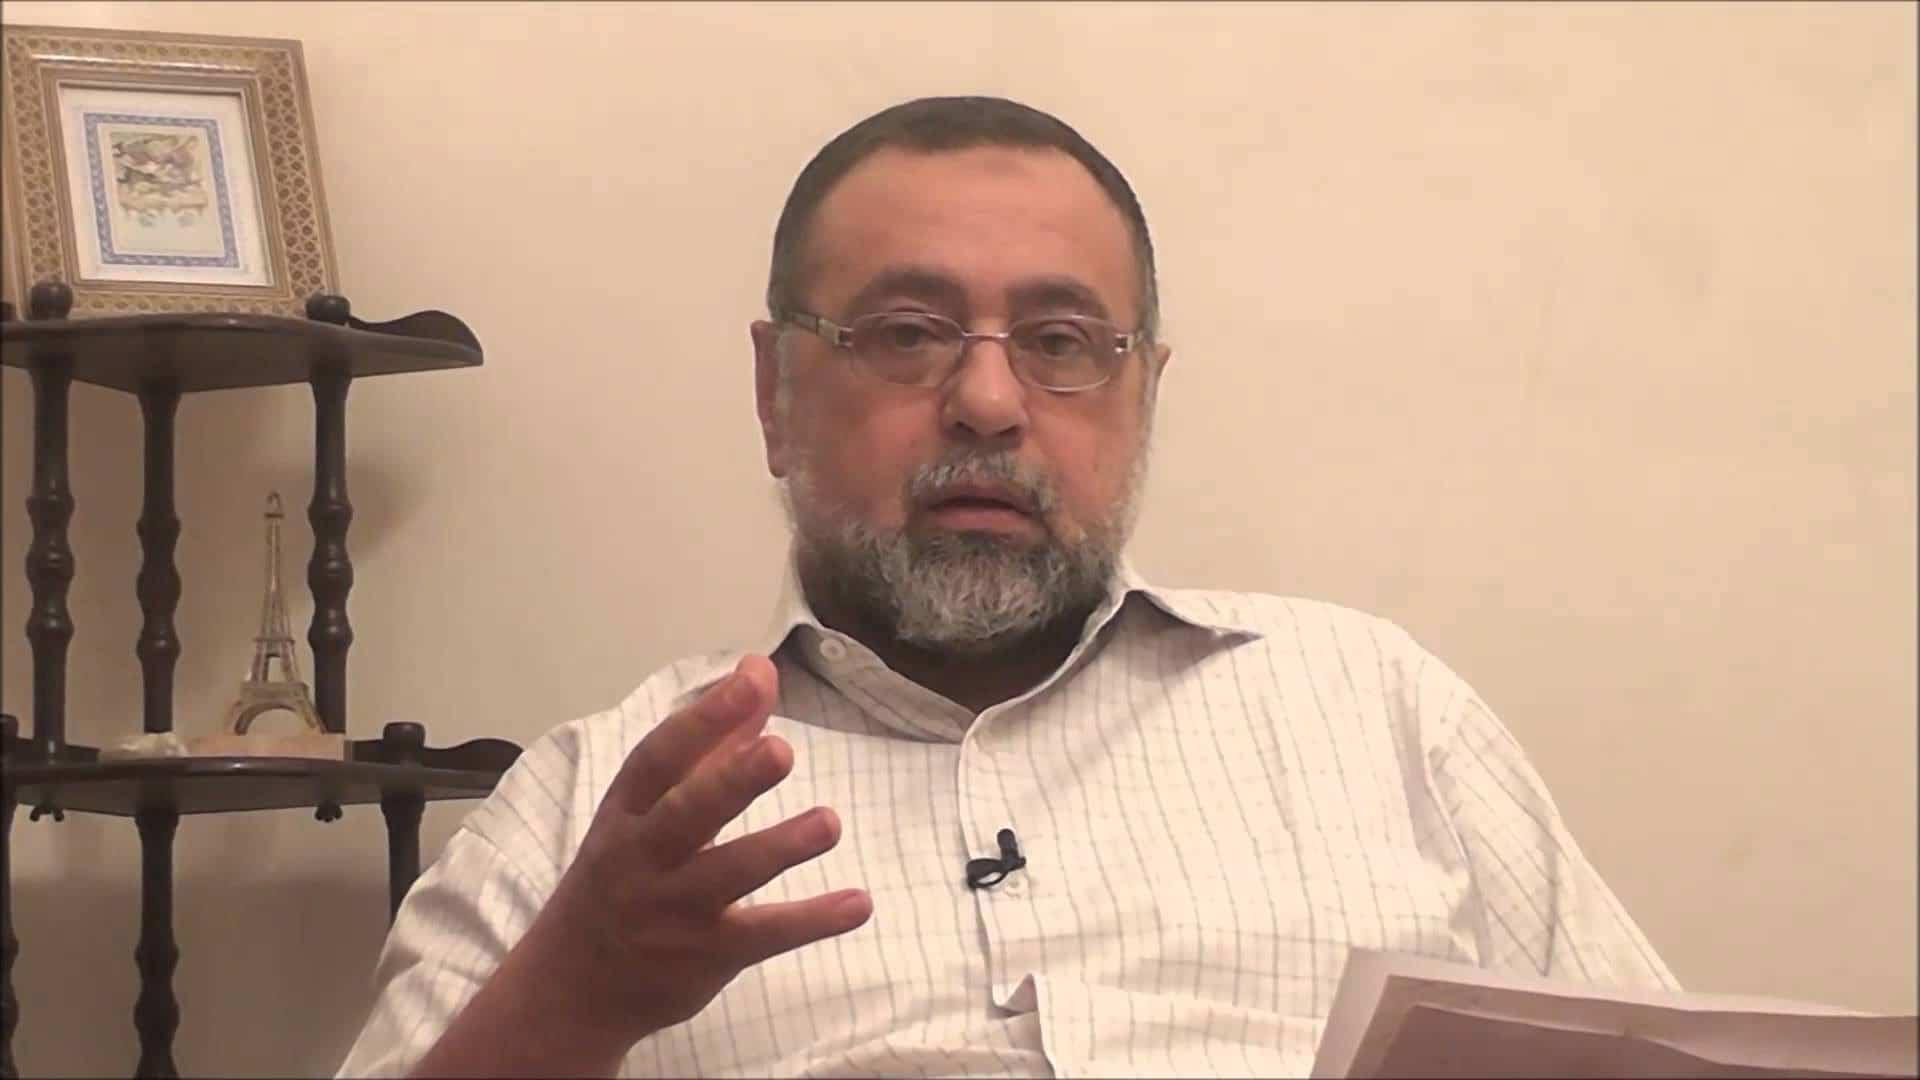 من هو الصحفي مجدي حسين الذي أطلق سراحه بعد 7 سنوات في غياهب معتقلات السيسي؟